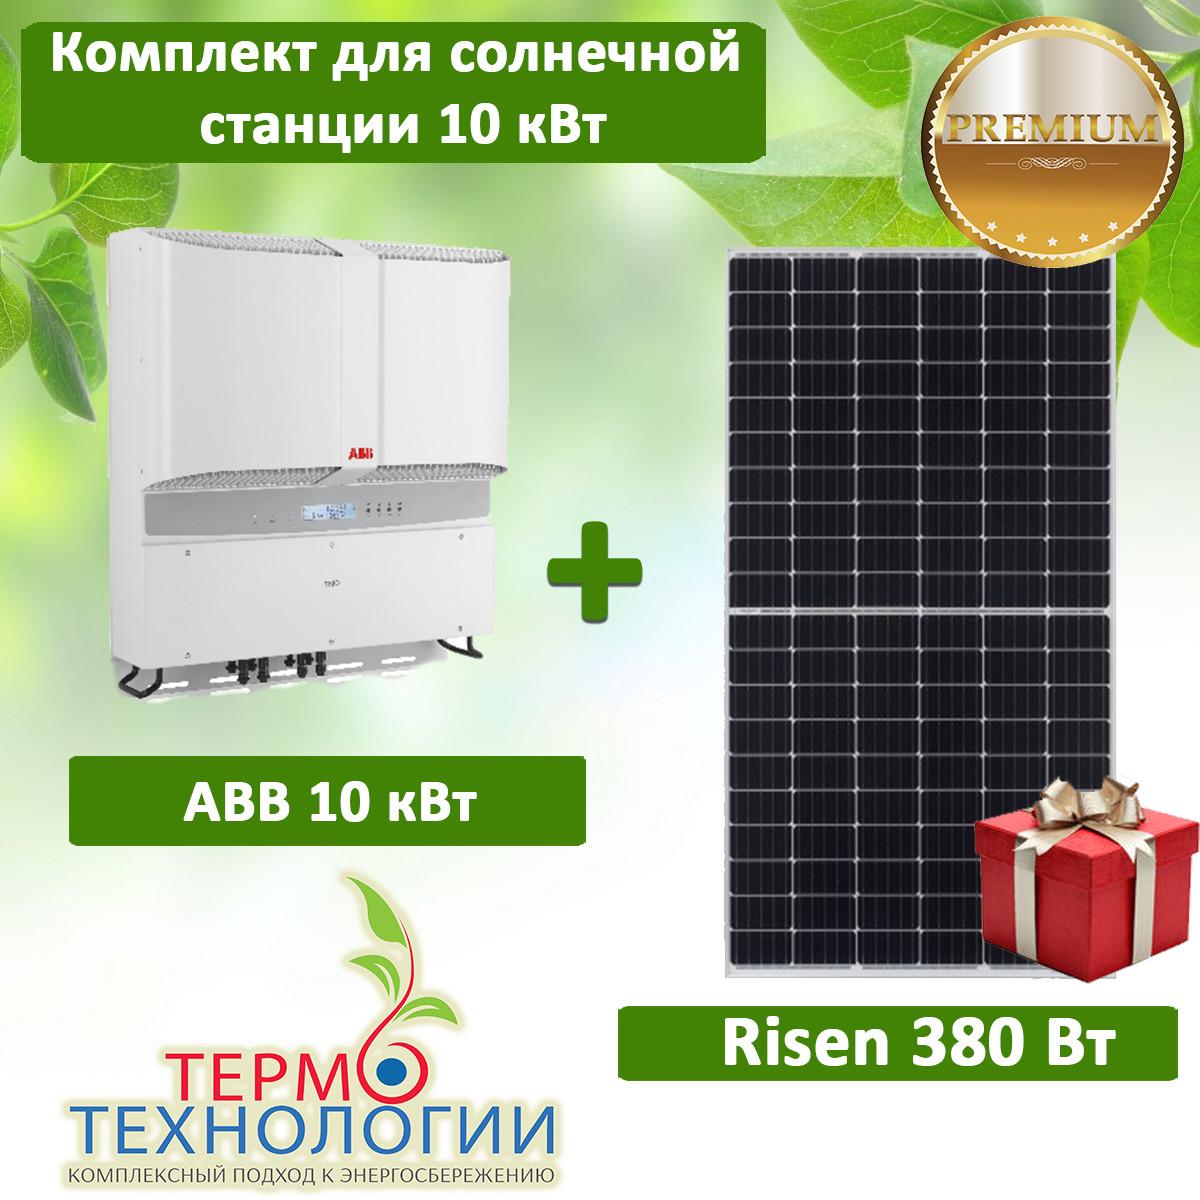 Комплект для сетевой солнечной станции 10 кВт Risen 380 Вт и АВВ 10 кВт